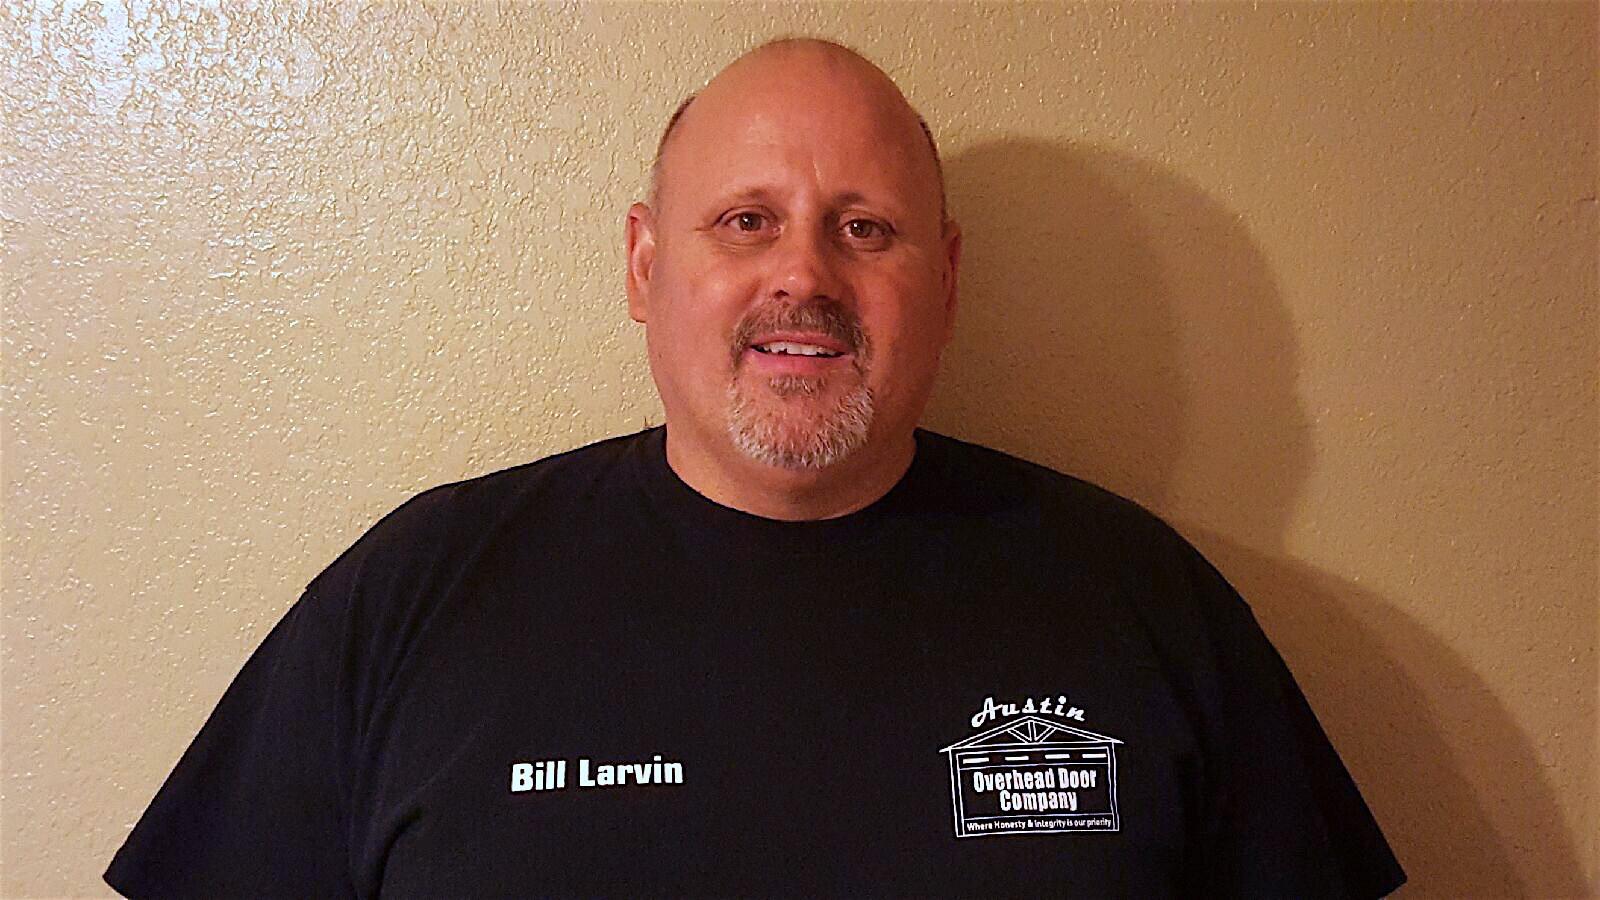 Bill Larvin